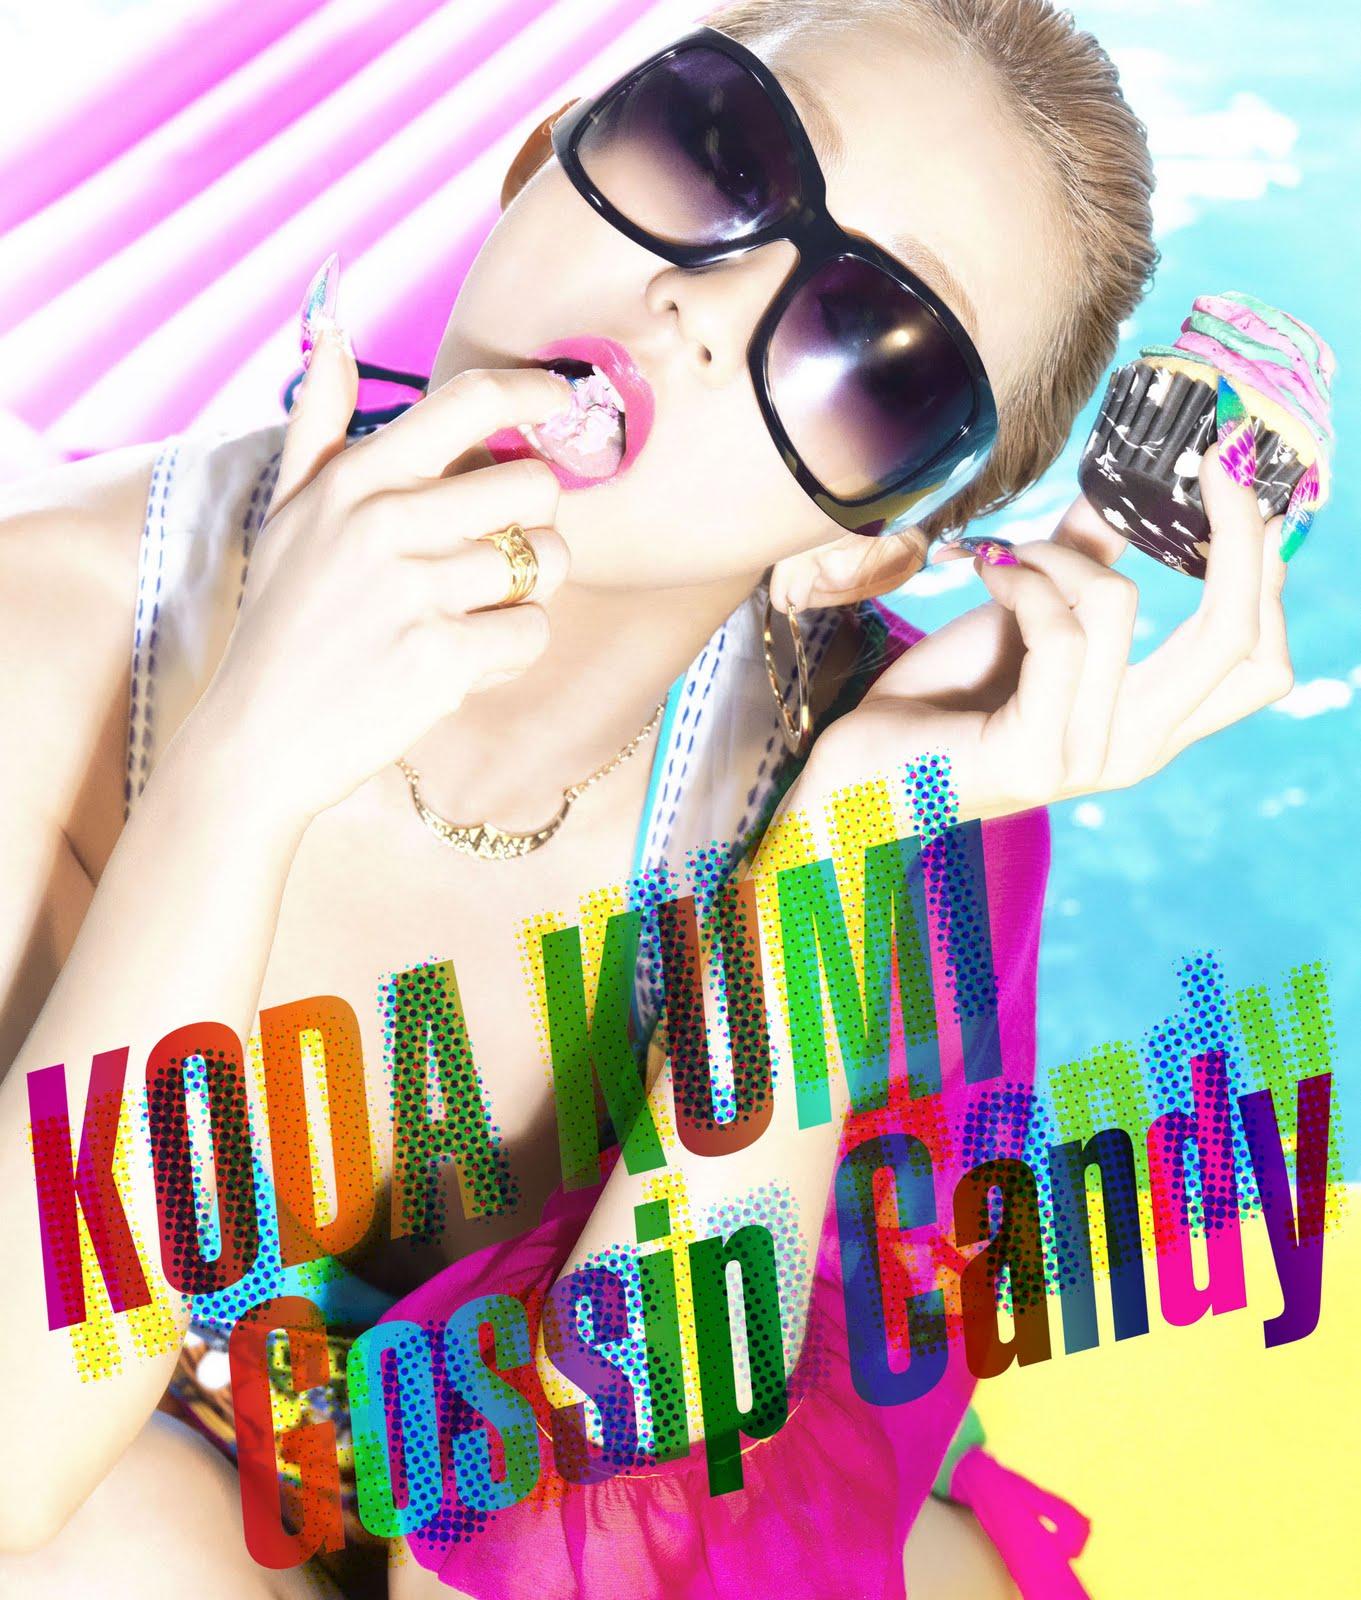 http://2.bp.blogspot.com/_xAxJp3s7nMM/TDdWuW2VZZI/AAAAAAAAAJM/NoF_XLM0BlQ/s1600/Gossip-Candy-02.jpg